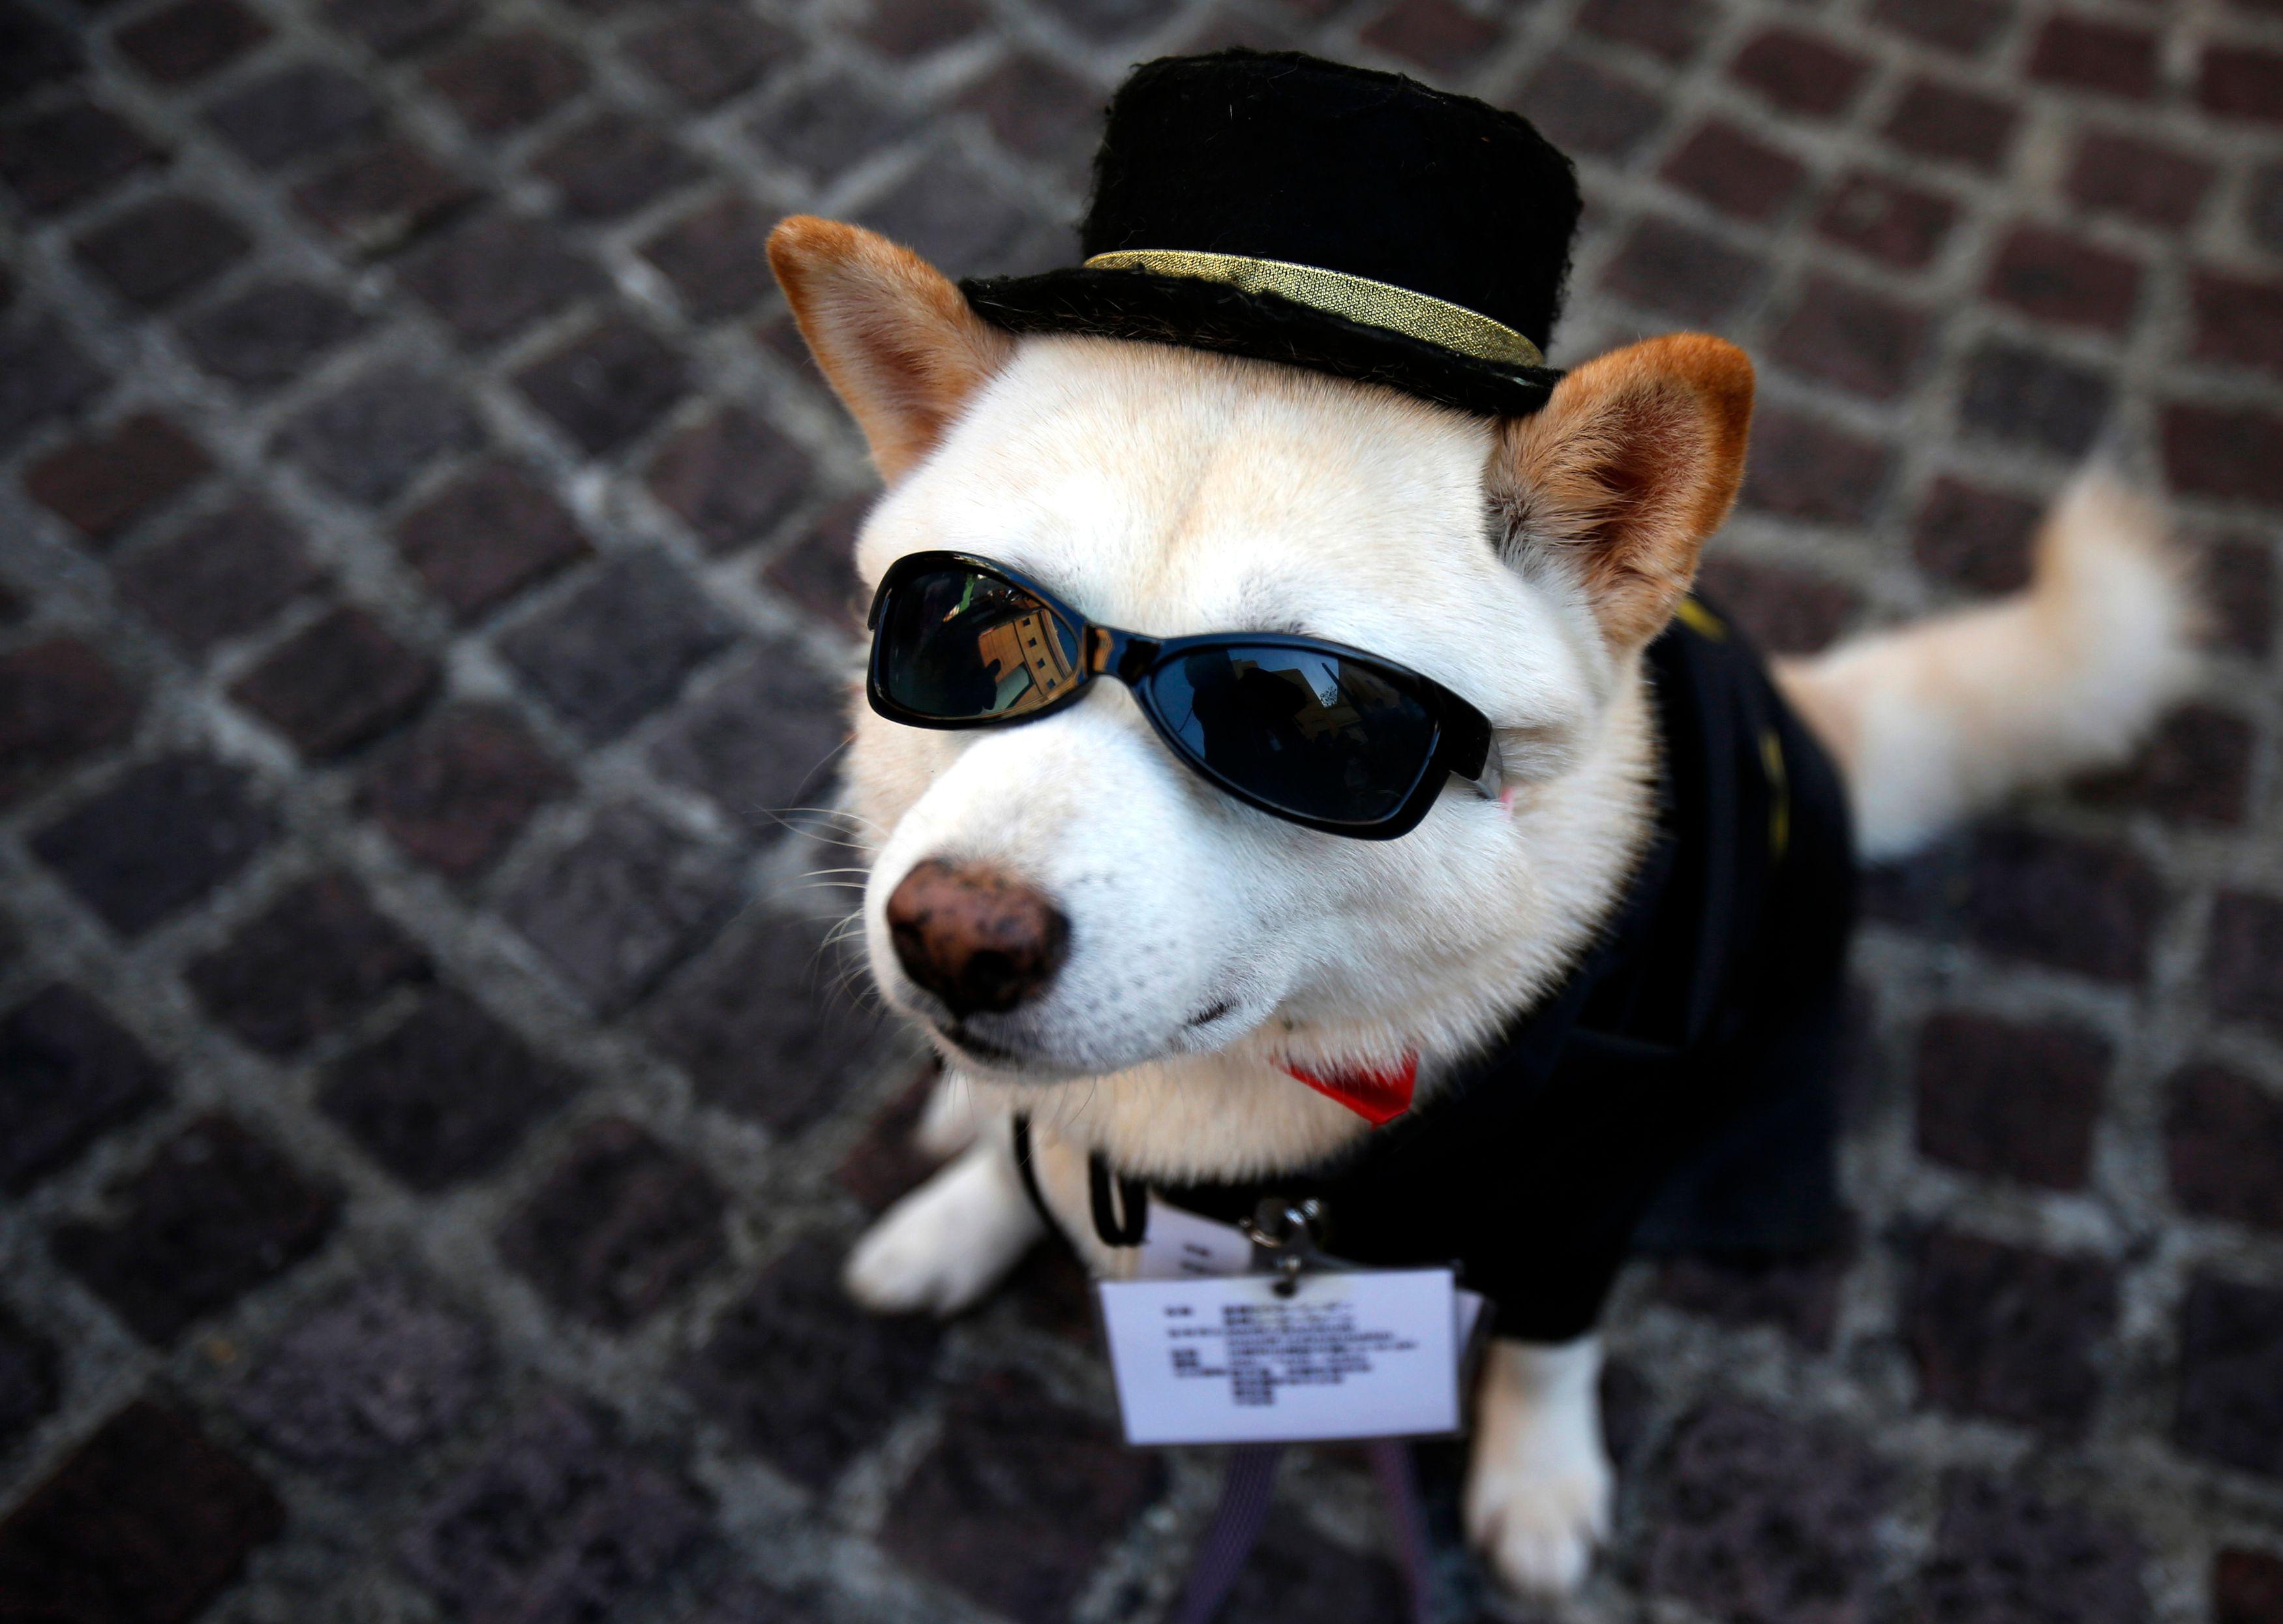 Le parc canin de la place Denfert-Rochereau à Paris inauguré en 2014 permet aux chiens de courir, jouer et batifoler en toute liberté.